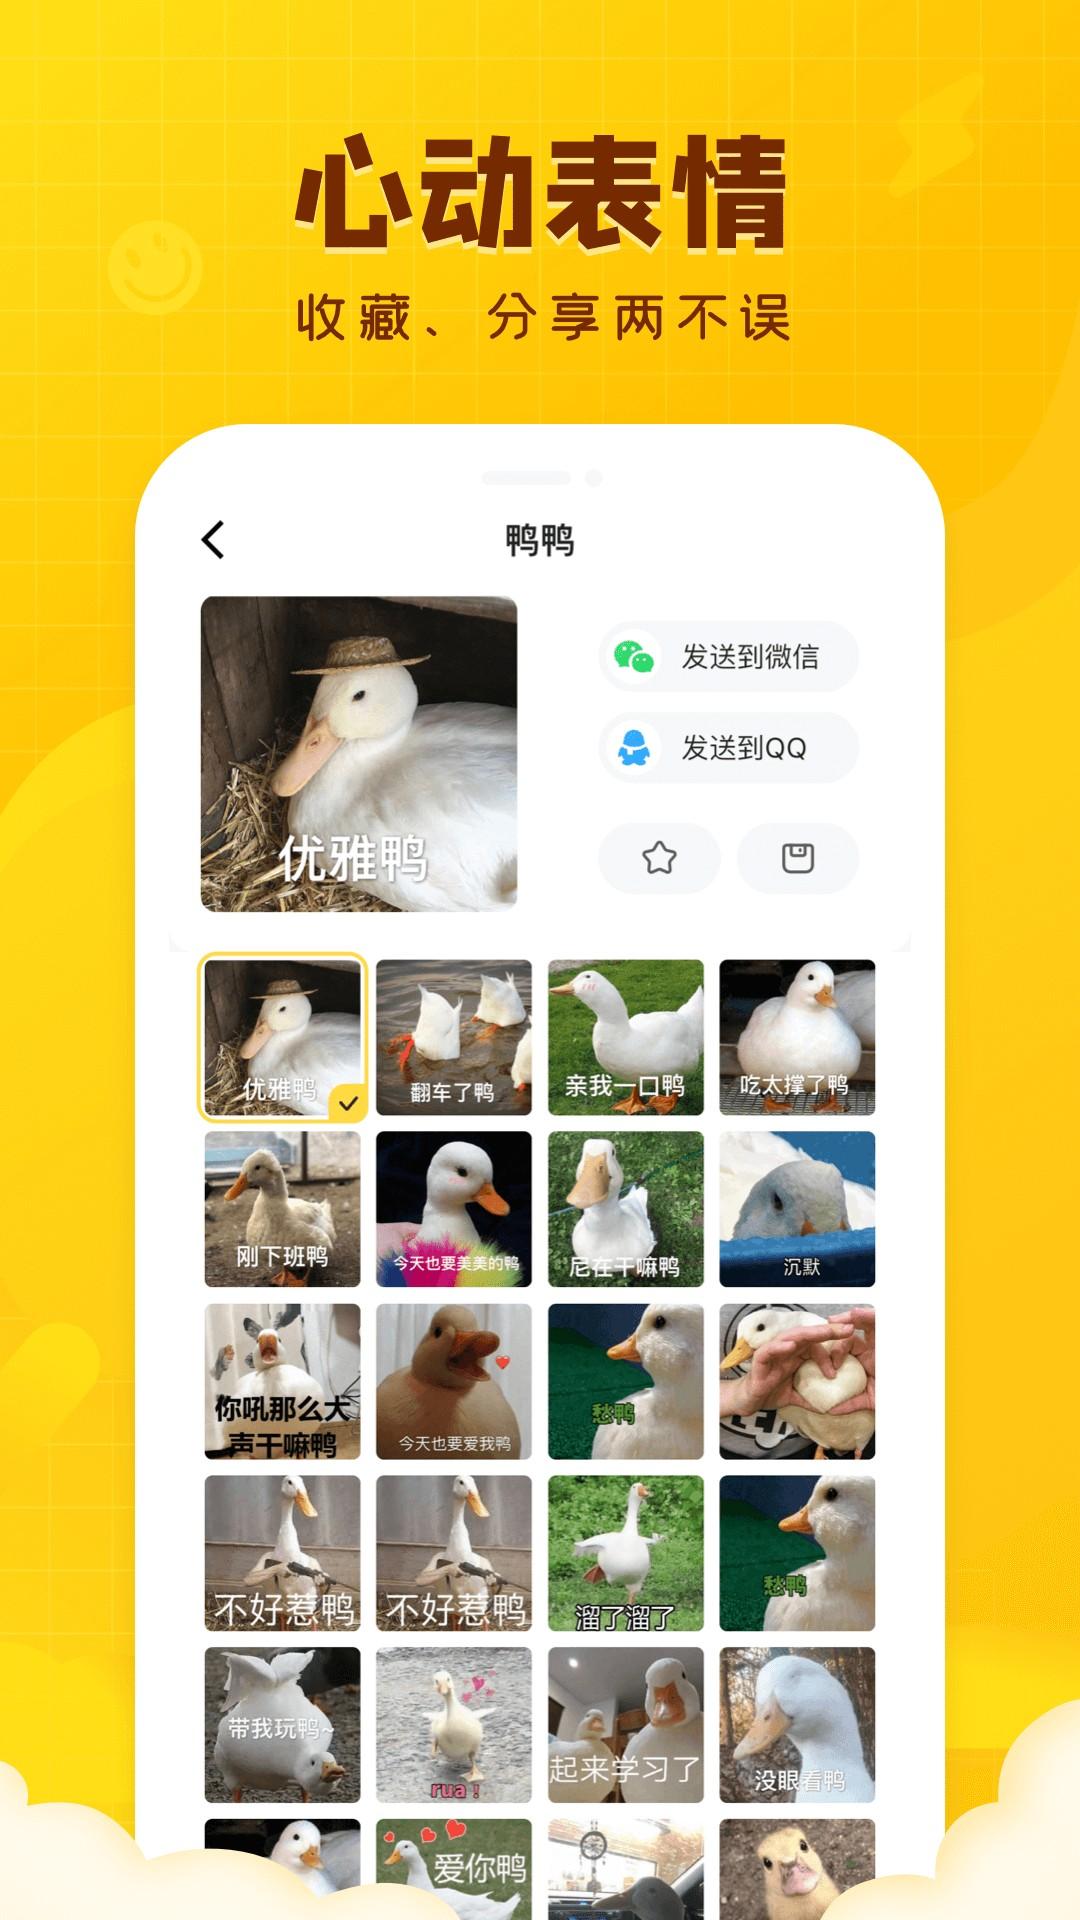 闪萌表情安卓版 V1.5.8